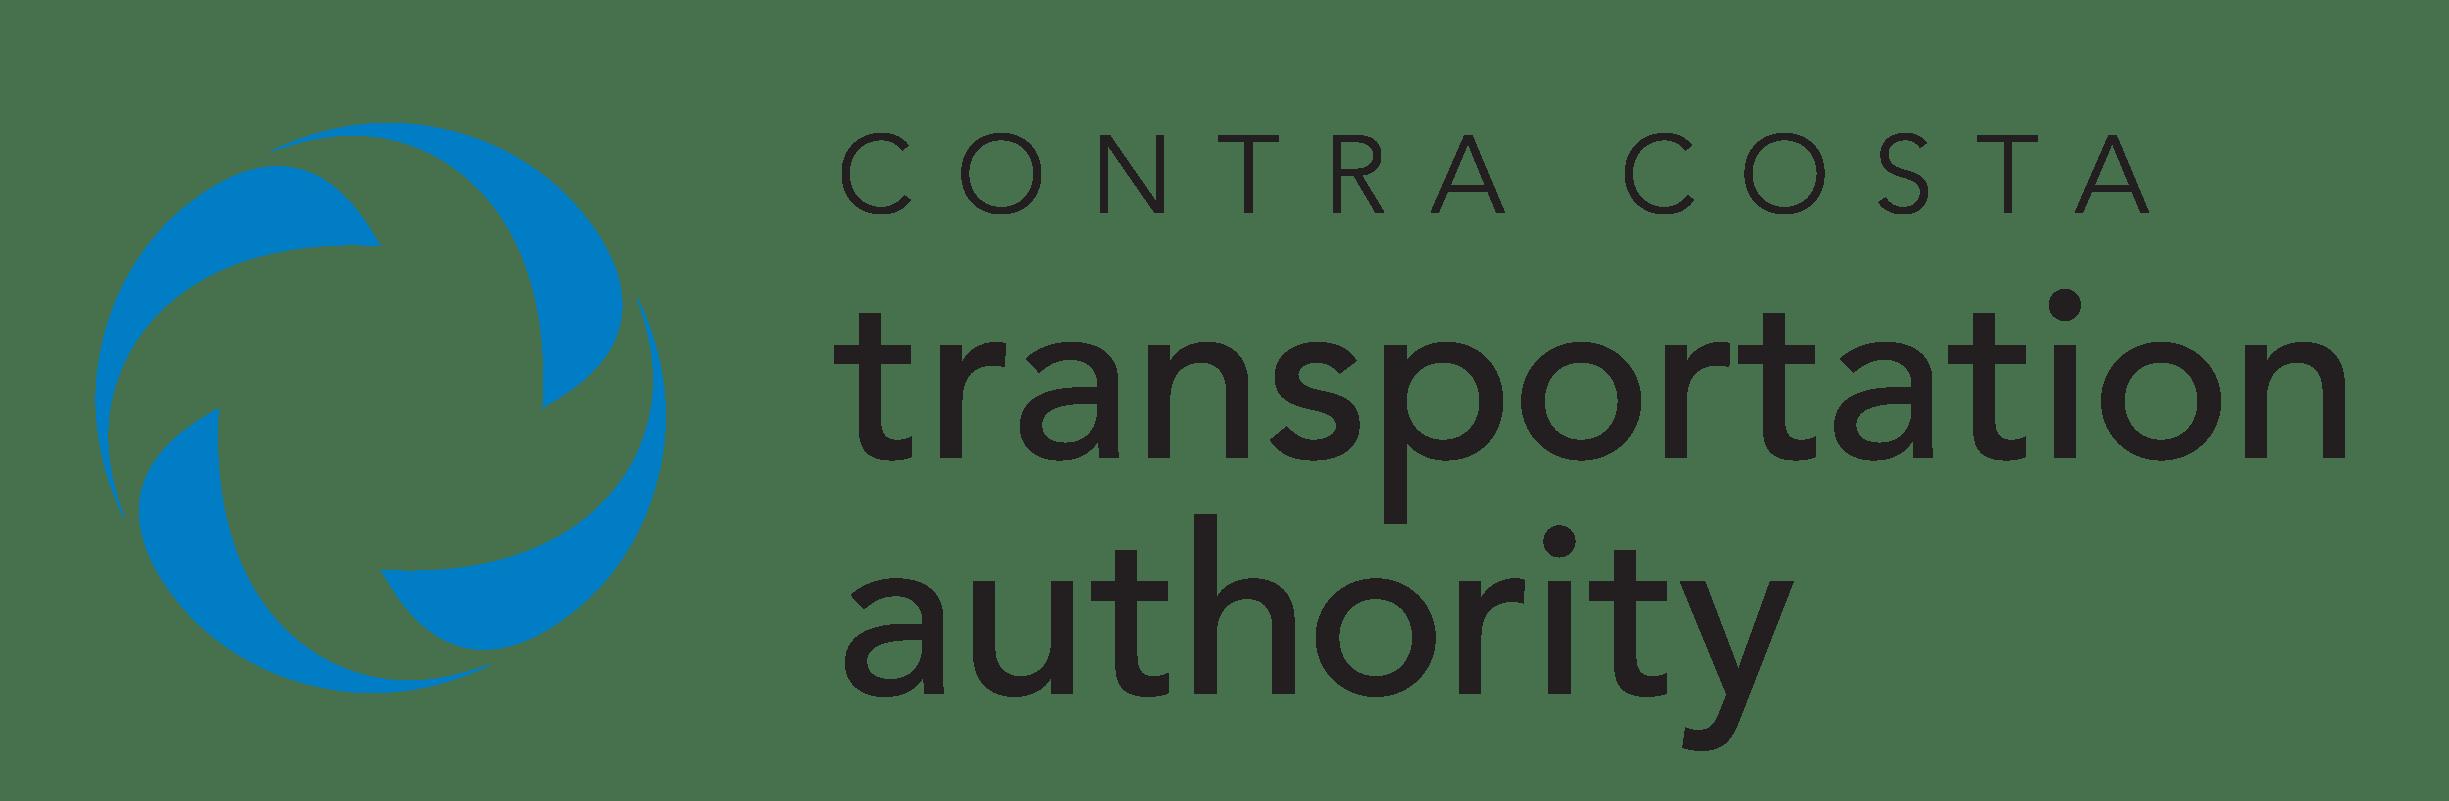 Contra Costa Transportation Authority company logo